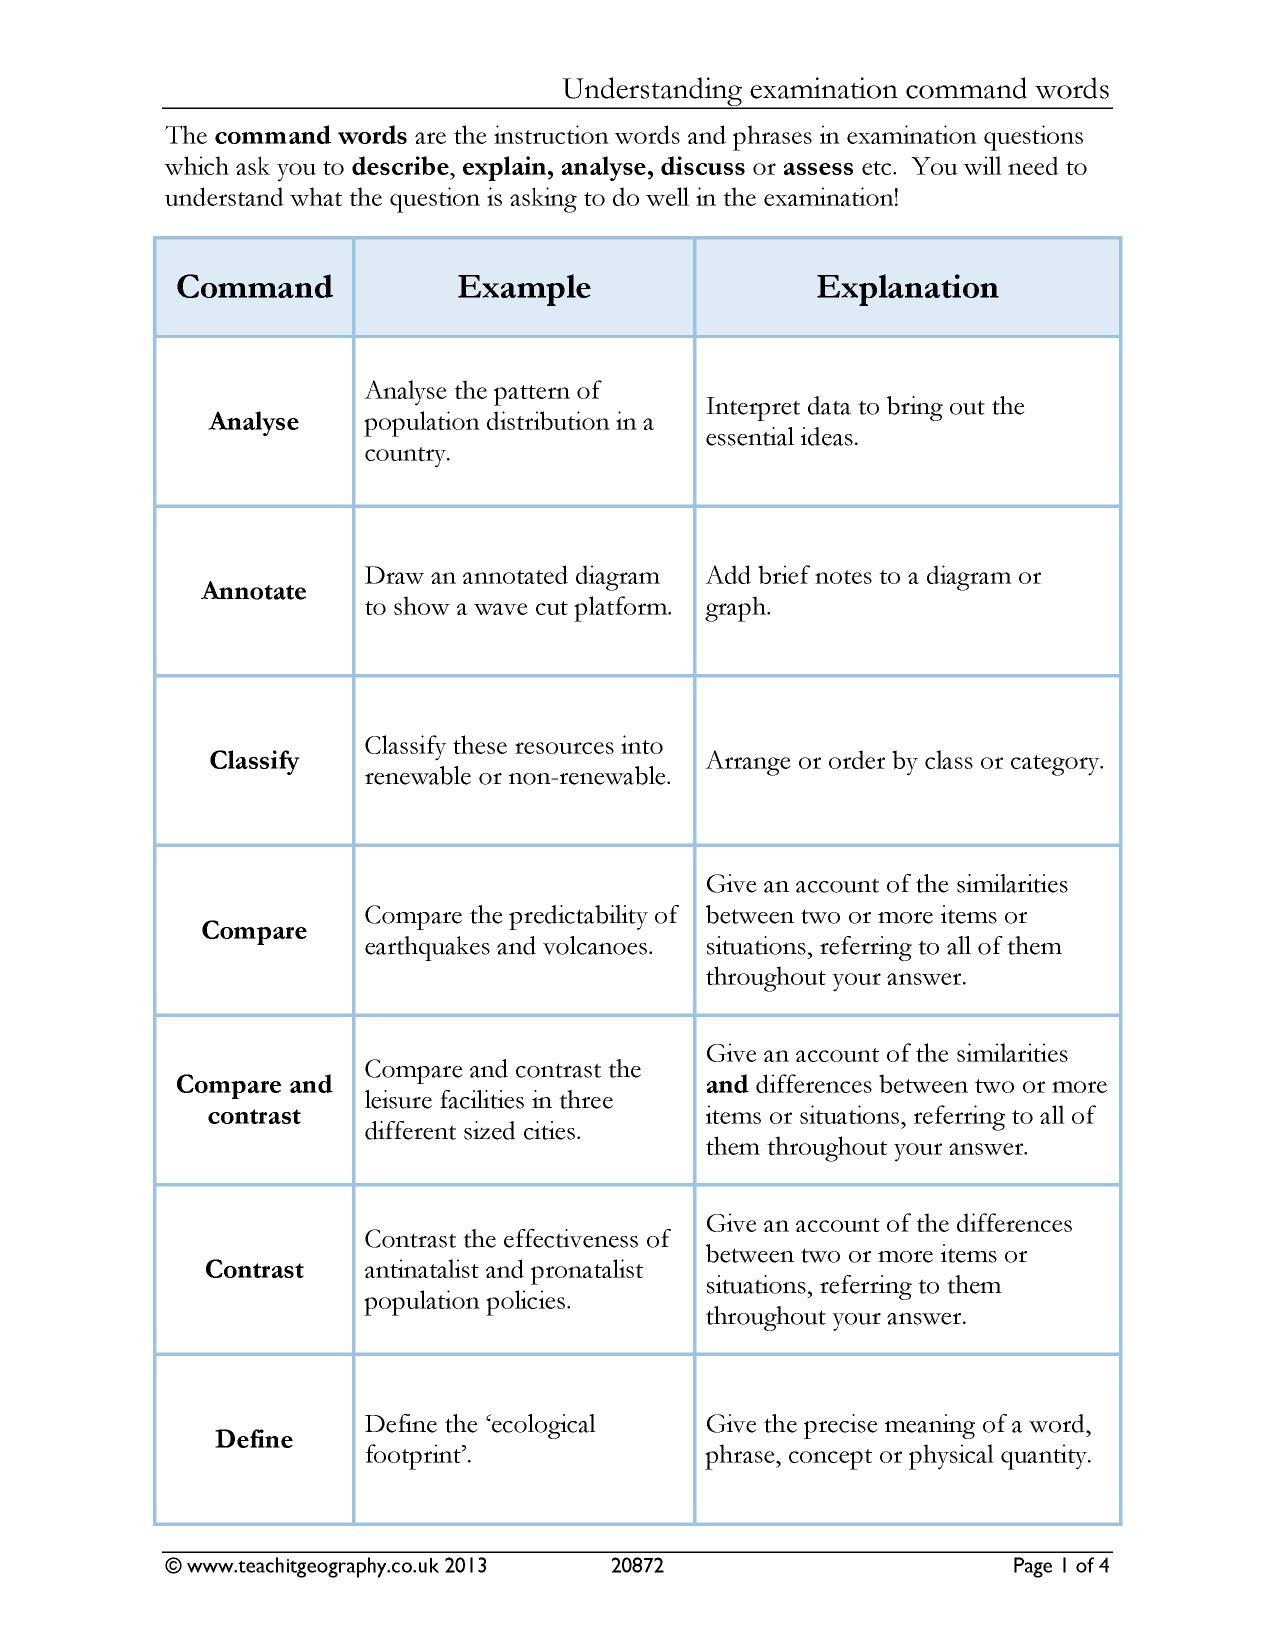 Understanding Examination Command Words